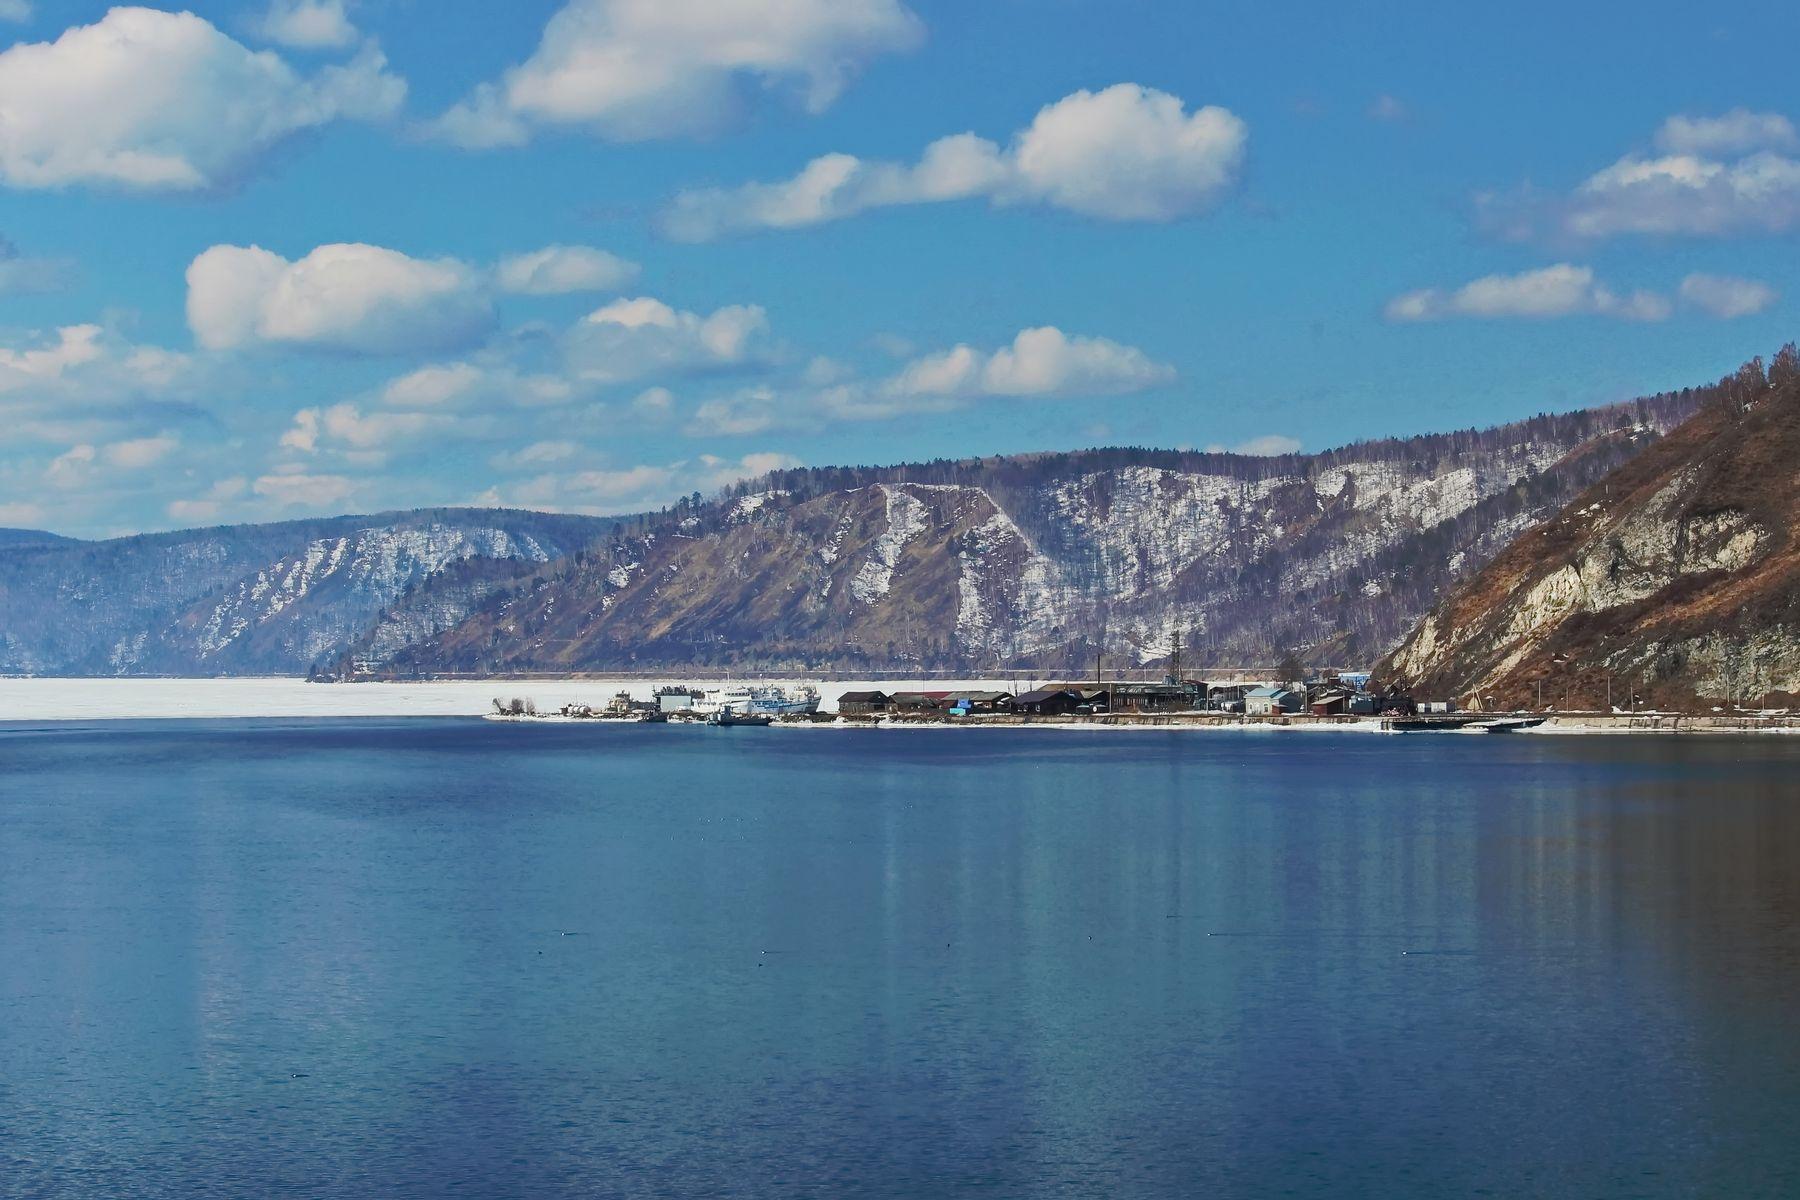 Порт Байкал байкал порт